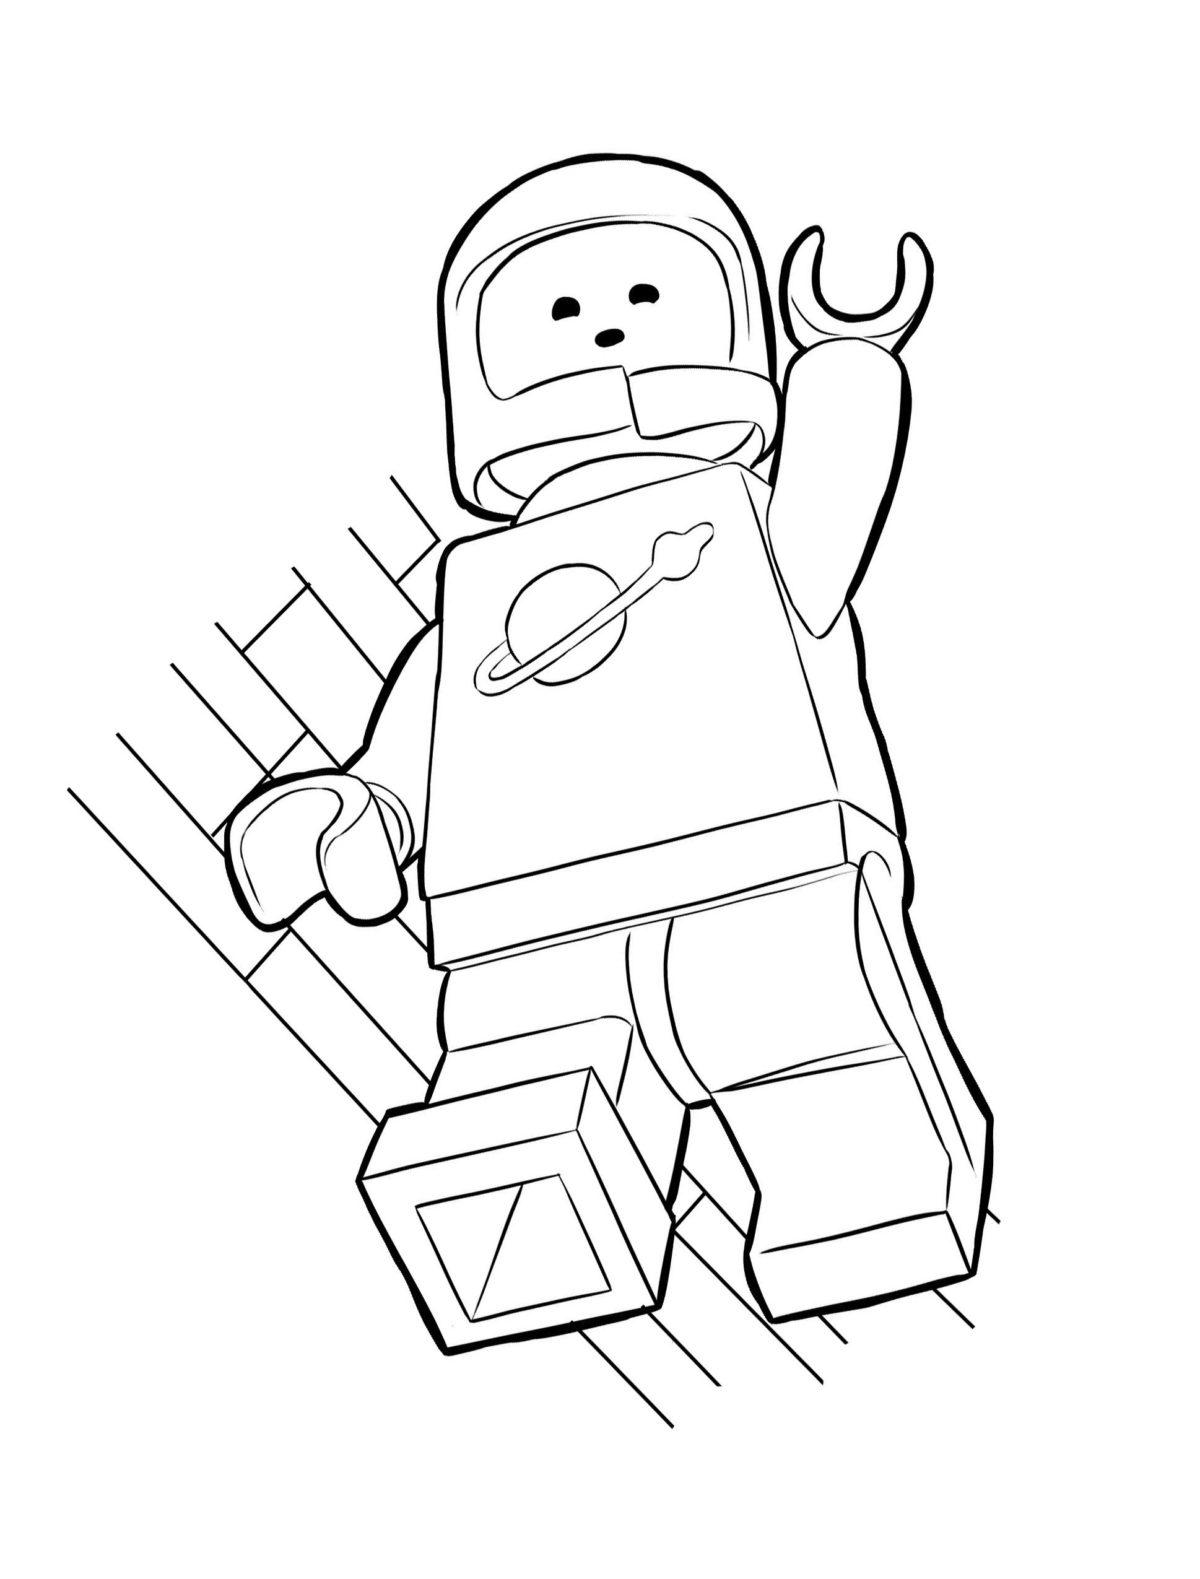 Бенни-космонавт - Картинка для раскрашивания красками-гуашью